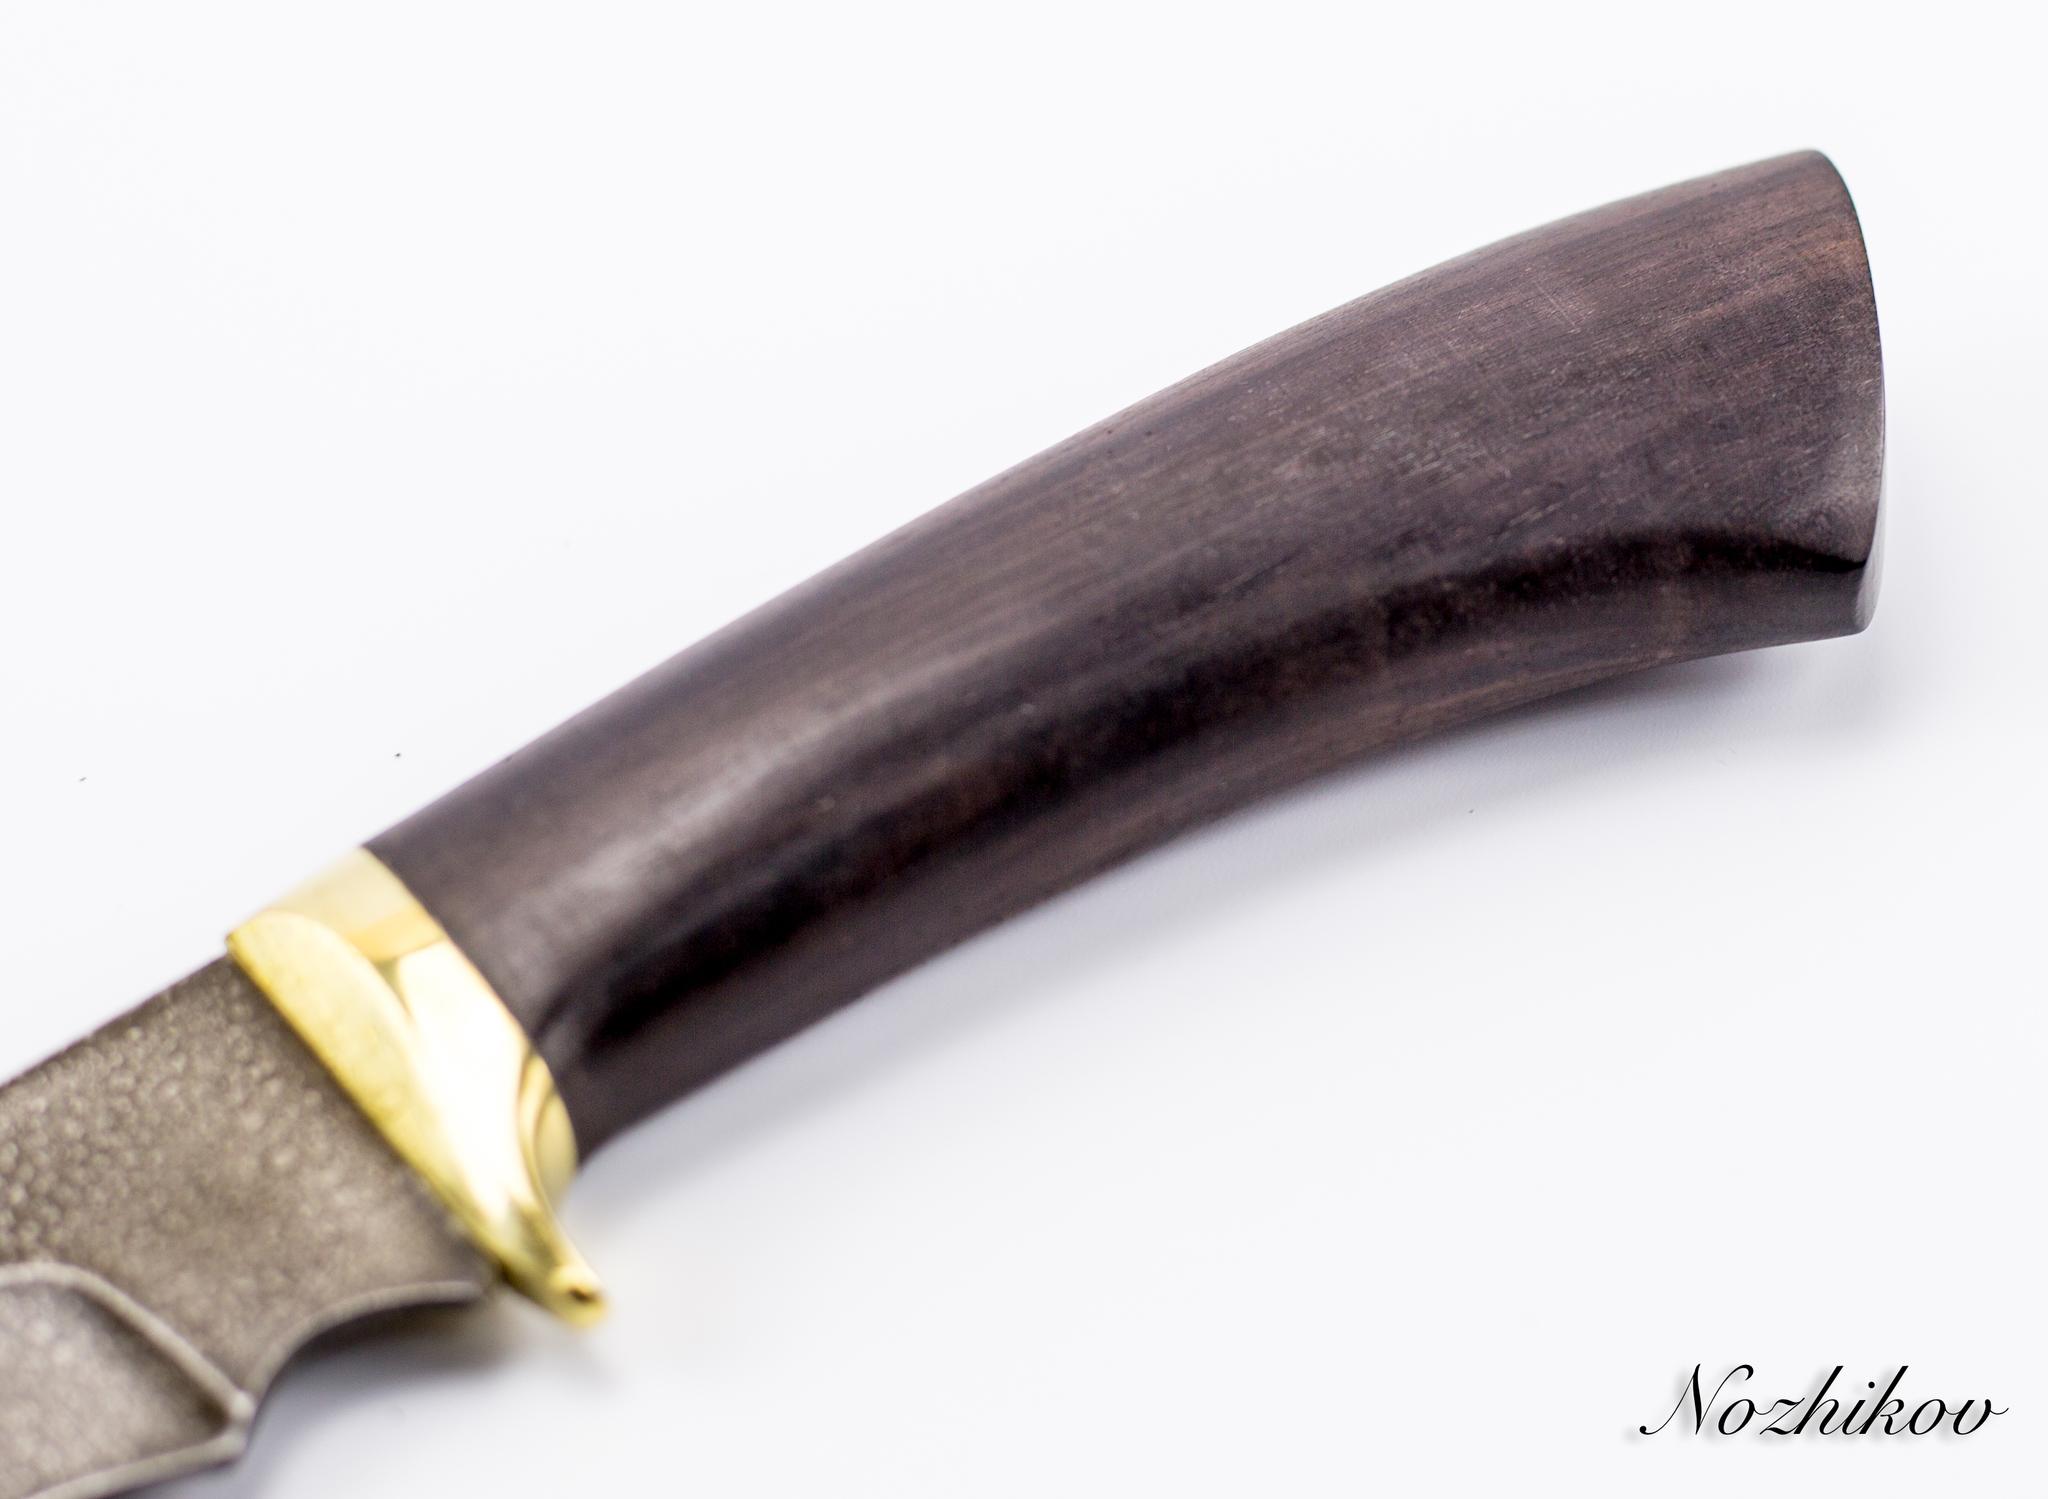 Фото 10 - Нож Волк-2, сталь ХВ5, граб от Промтехснаб